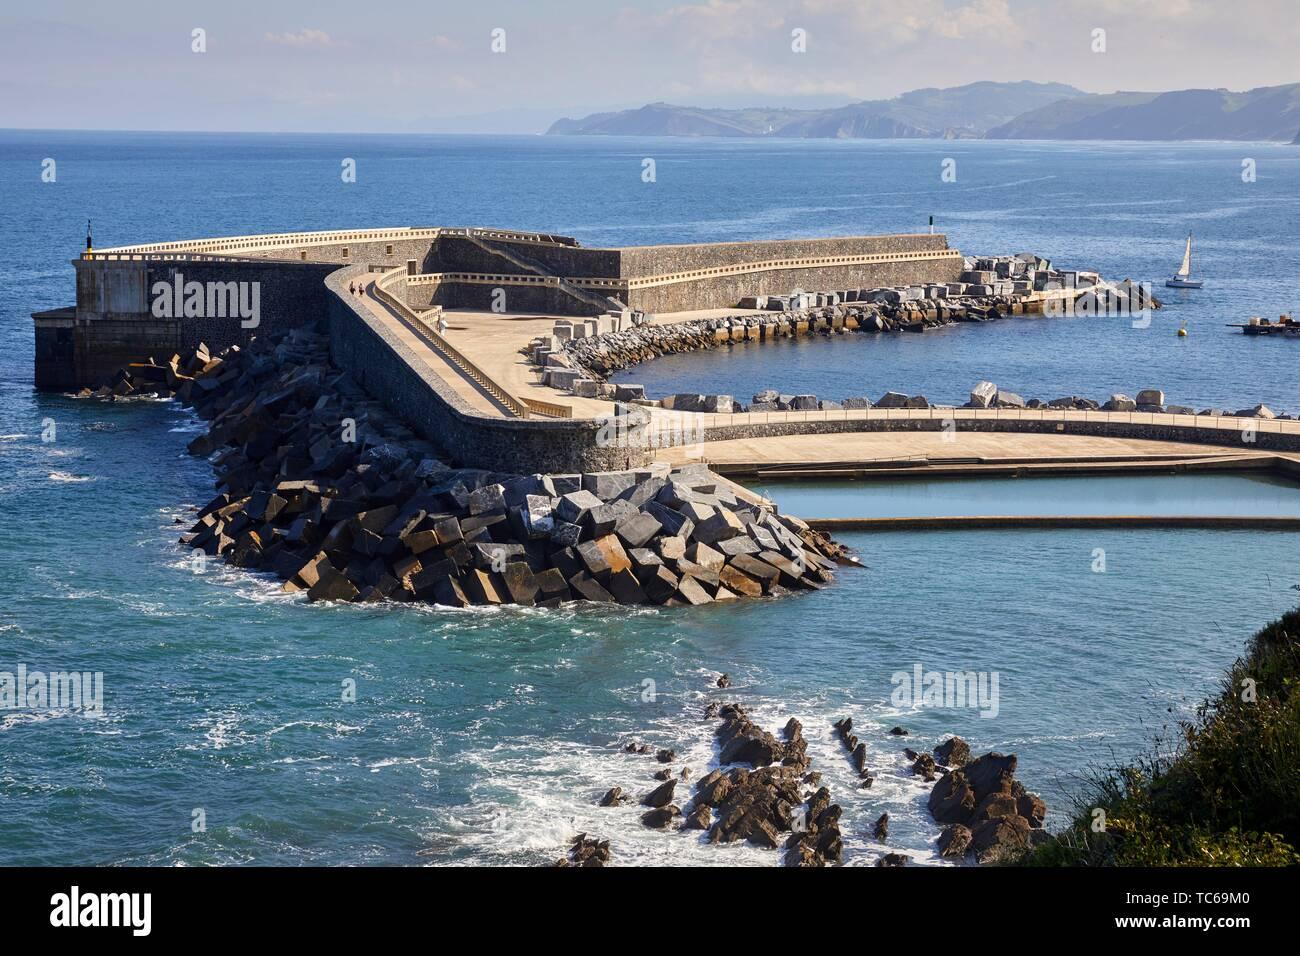 La planta de energía de las olas o wave planta, instalación comercial que funciona mediante la inyección de energía eléctrica generada por las ondas a la red en forma regular Imagen De Stock